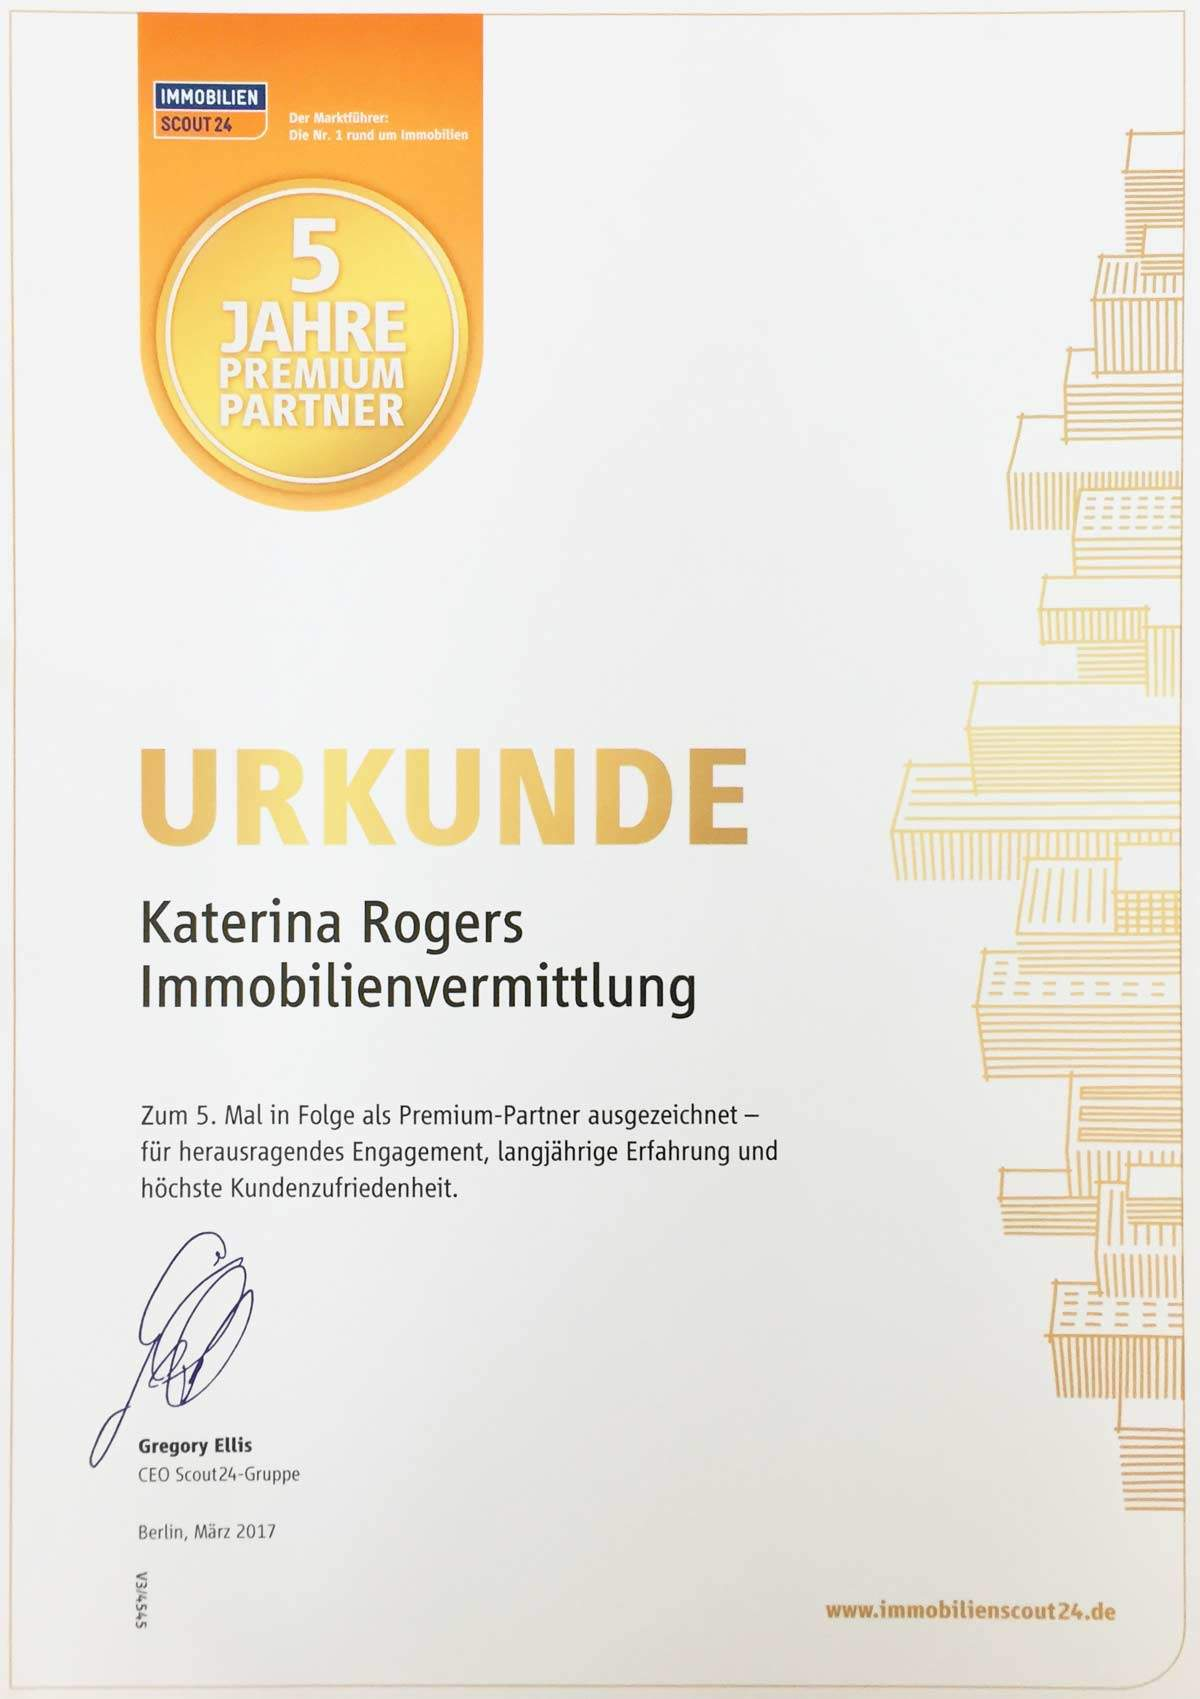 """Von dem größten Immobilienportal in Deutschland Immobilienscout24 sind wir zum 5. Mal in folge als """"Premium Partner"""" gekürt worden."""